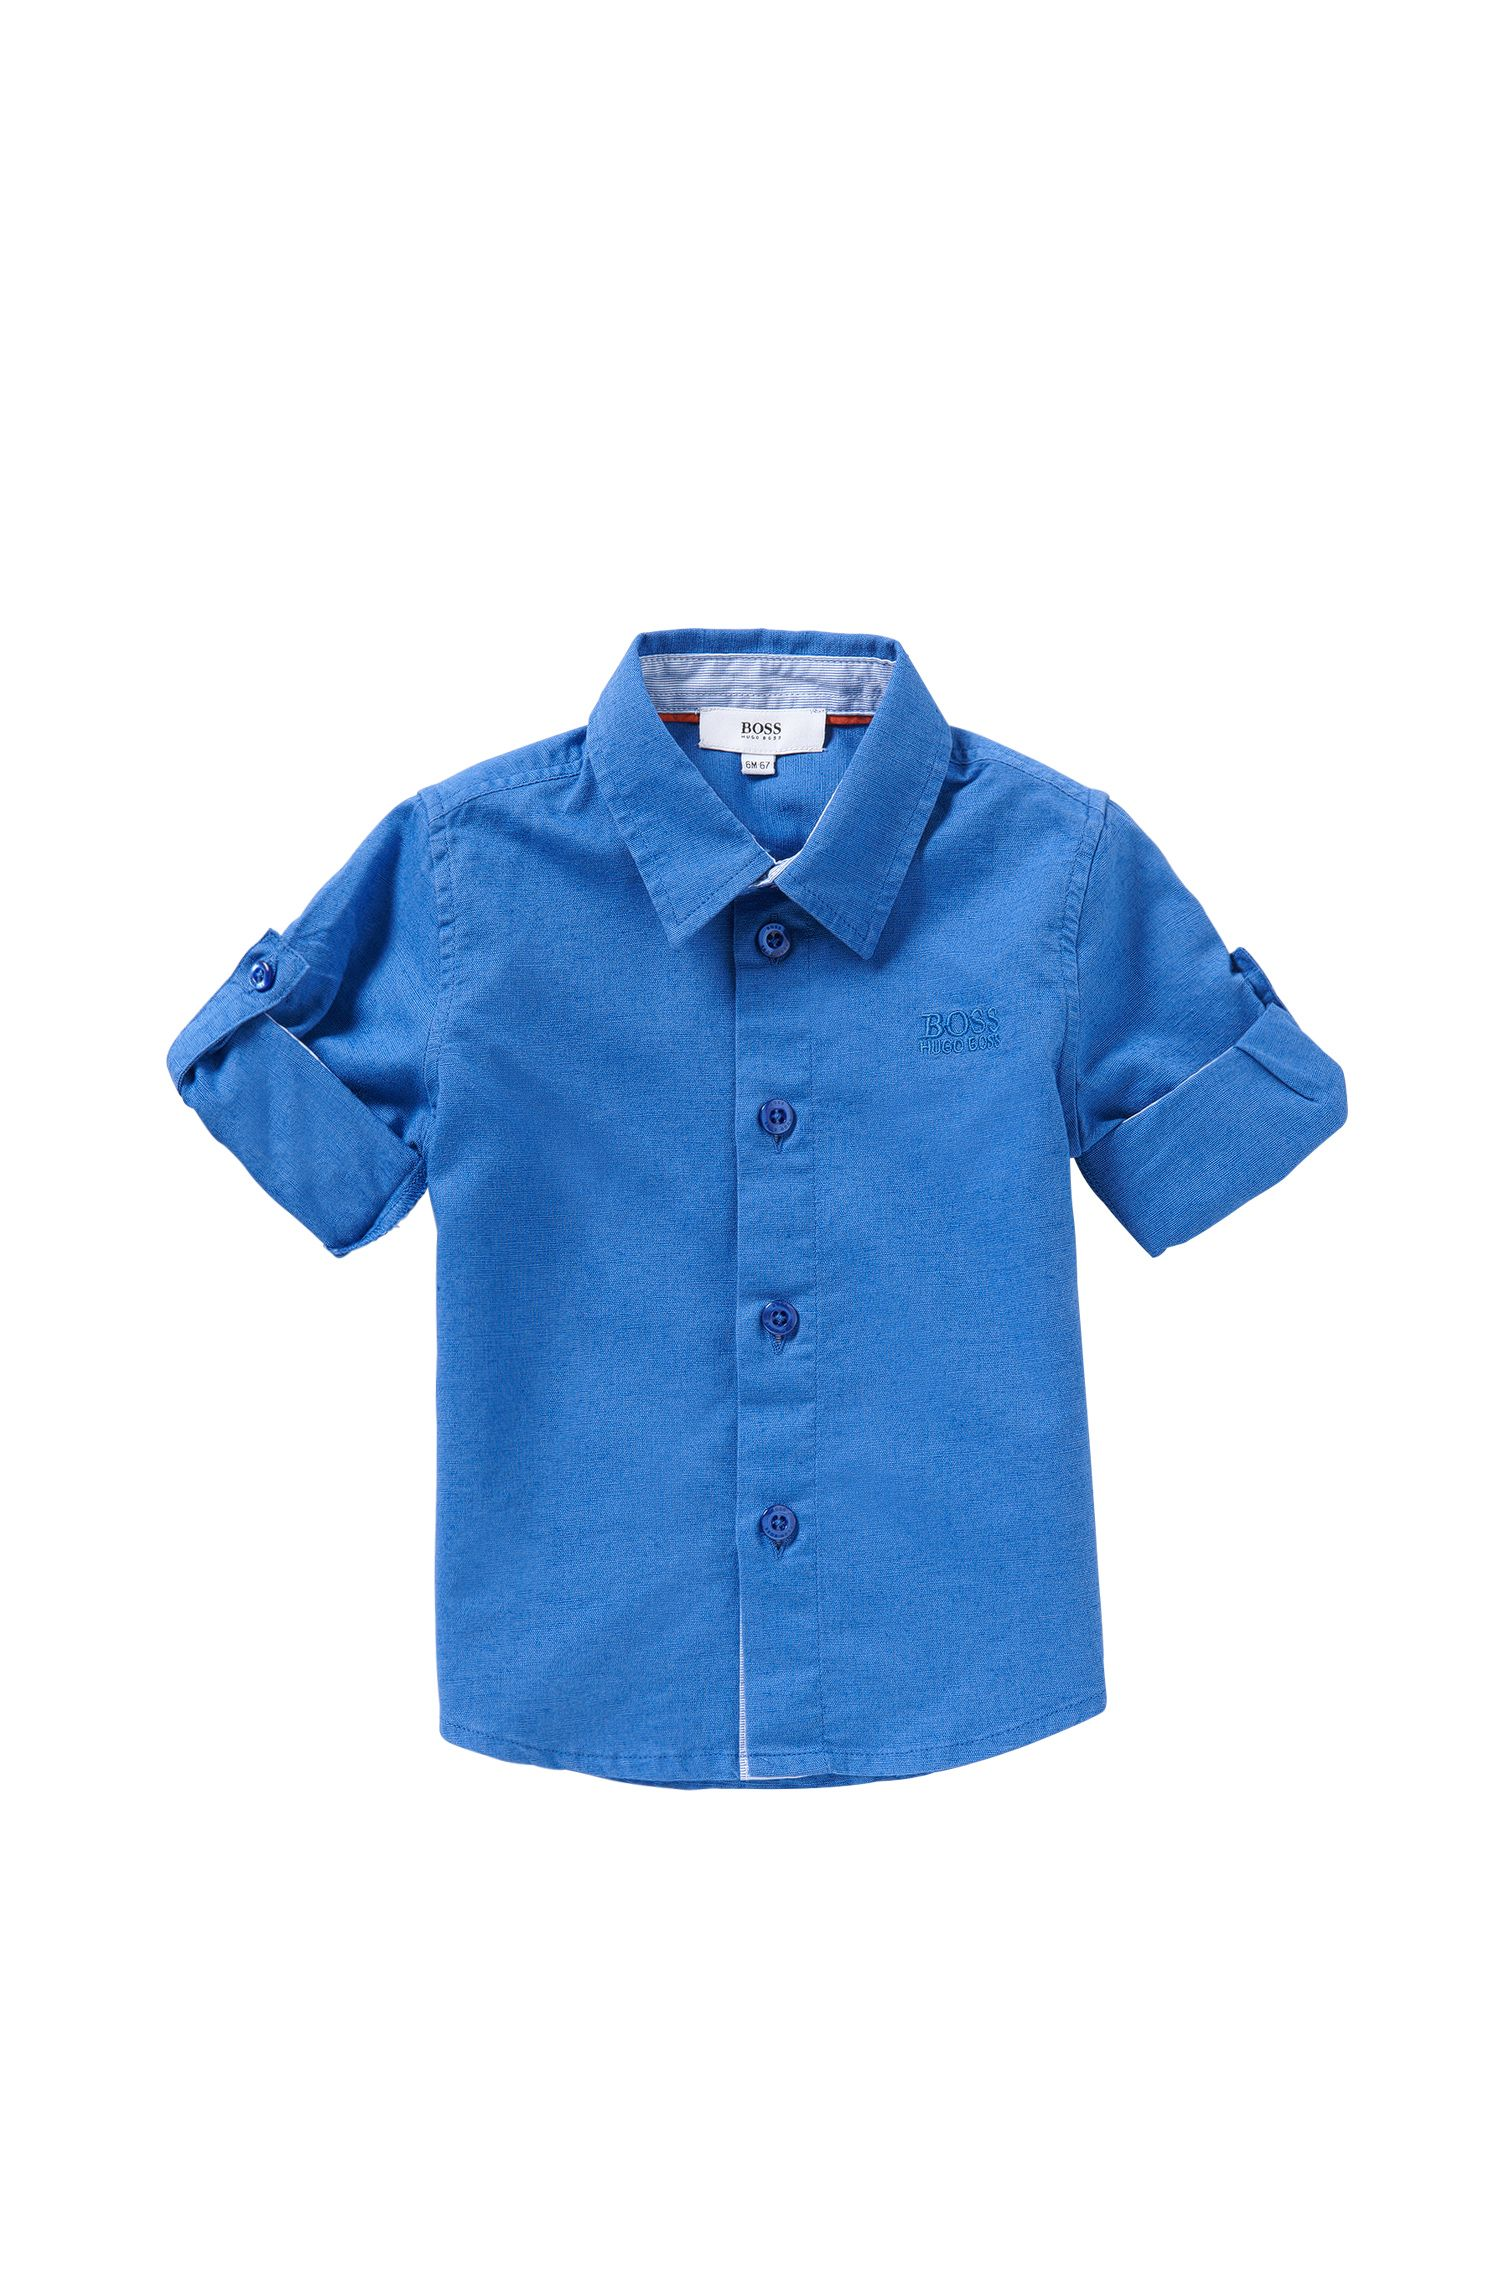 Baby-Hemd aus Baumwoll-Mix im Jeans-Look: 'J05465'